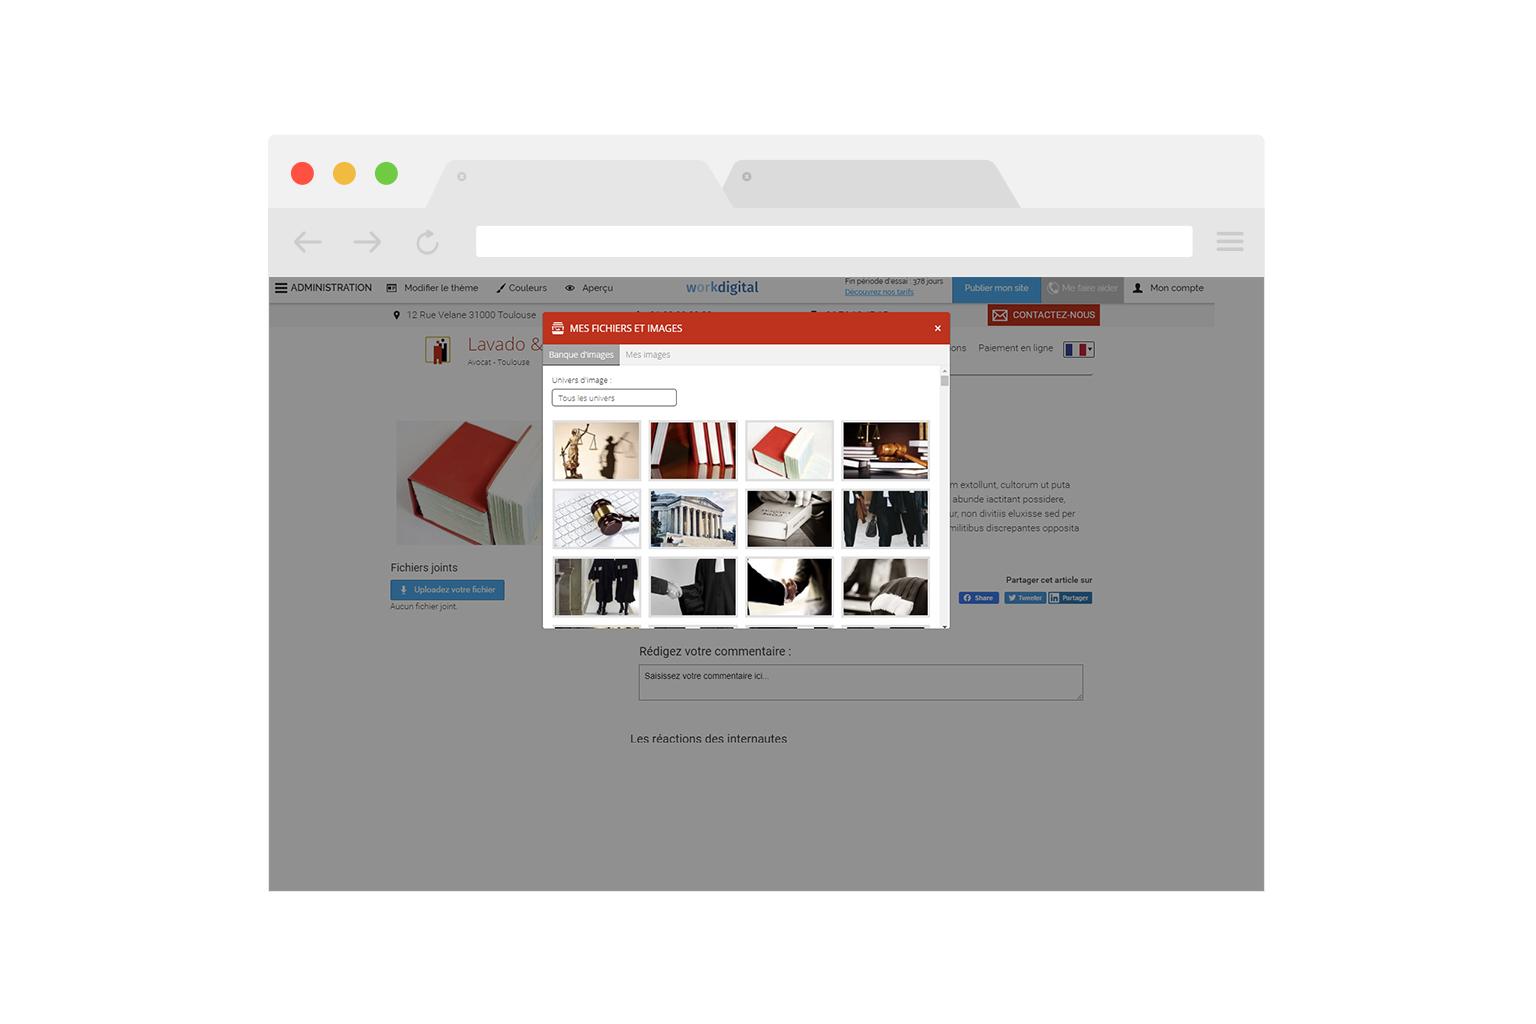 workdigital-fonction-banque-image